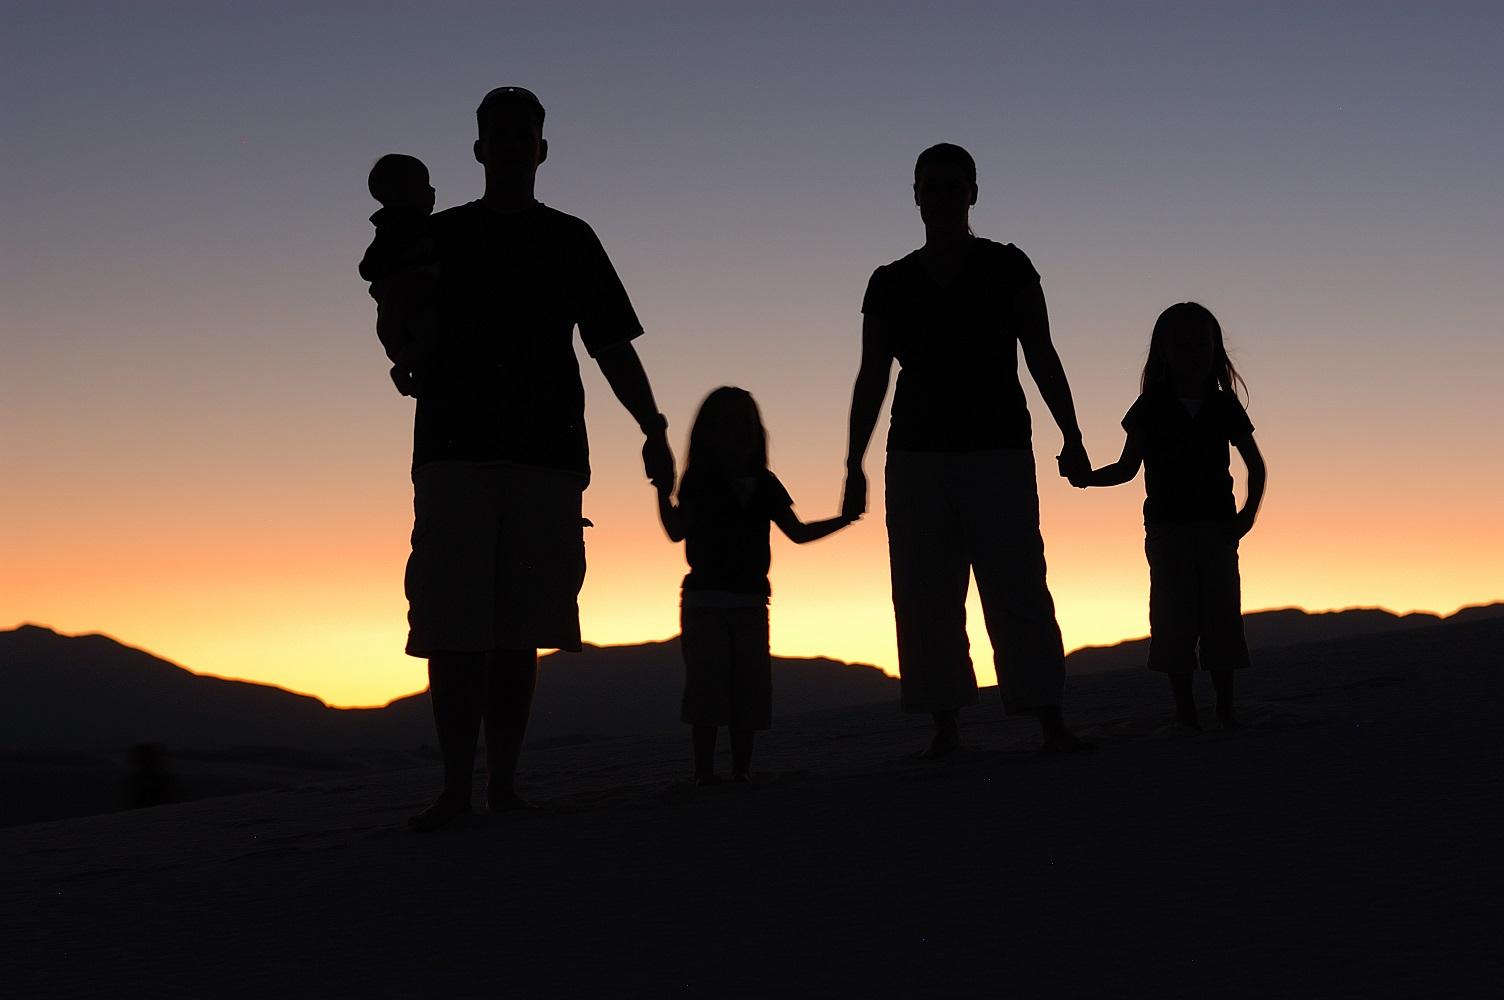 Πως μπορώ να έχω μία καλύτερη σχέση με το έφηβο παιδί μου;